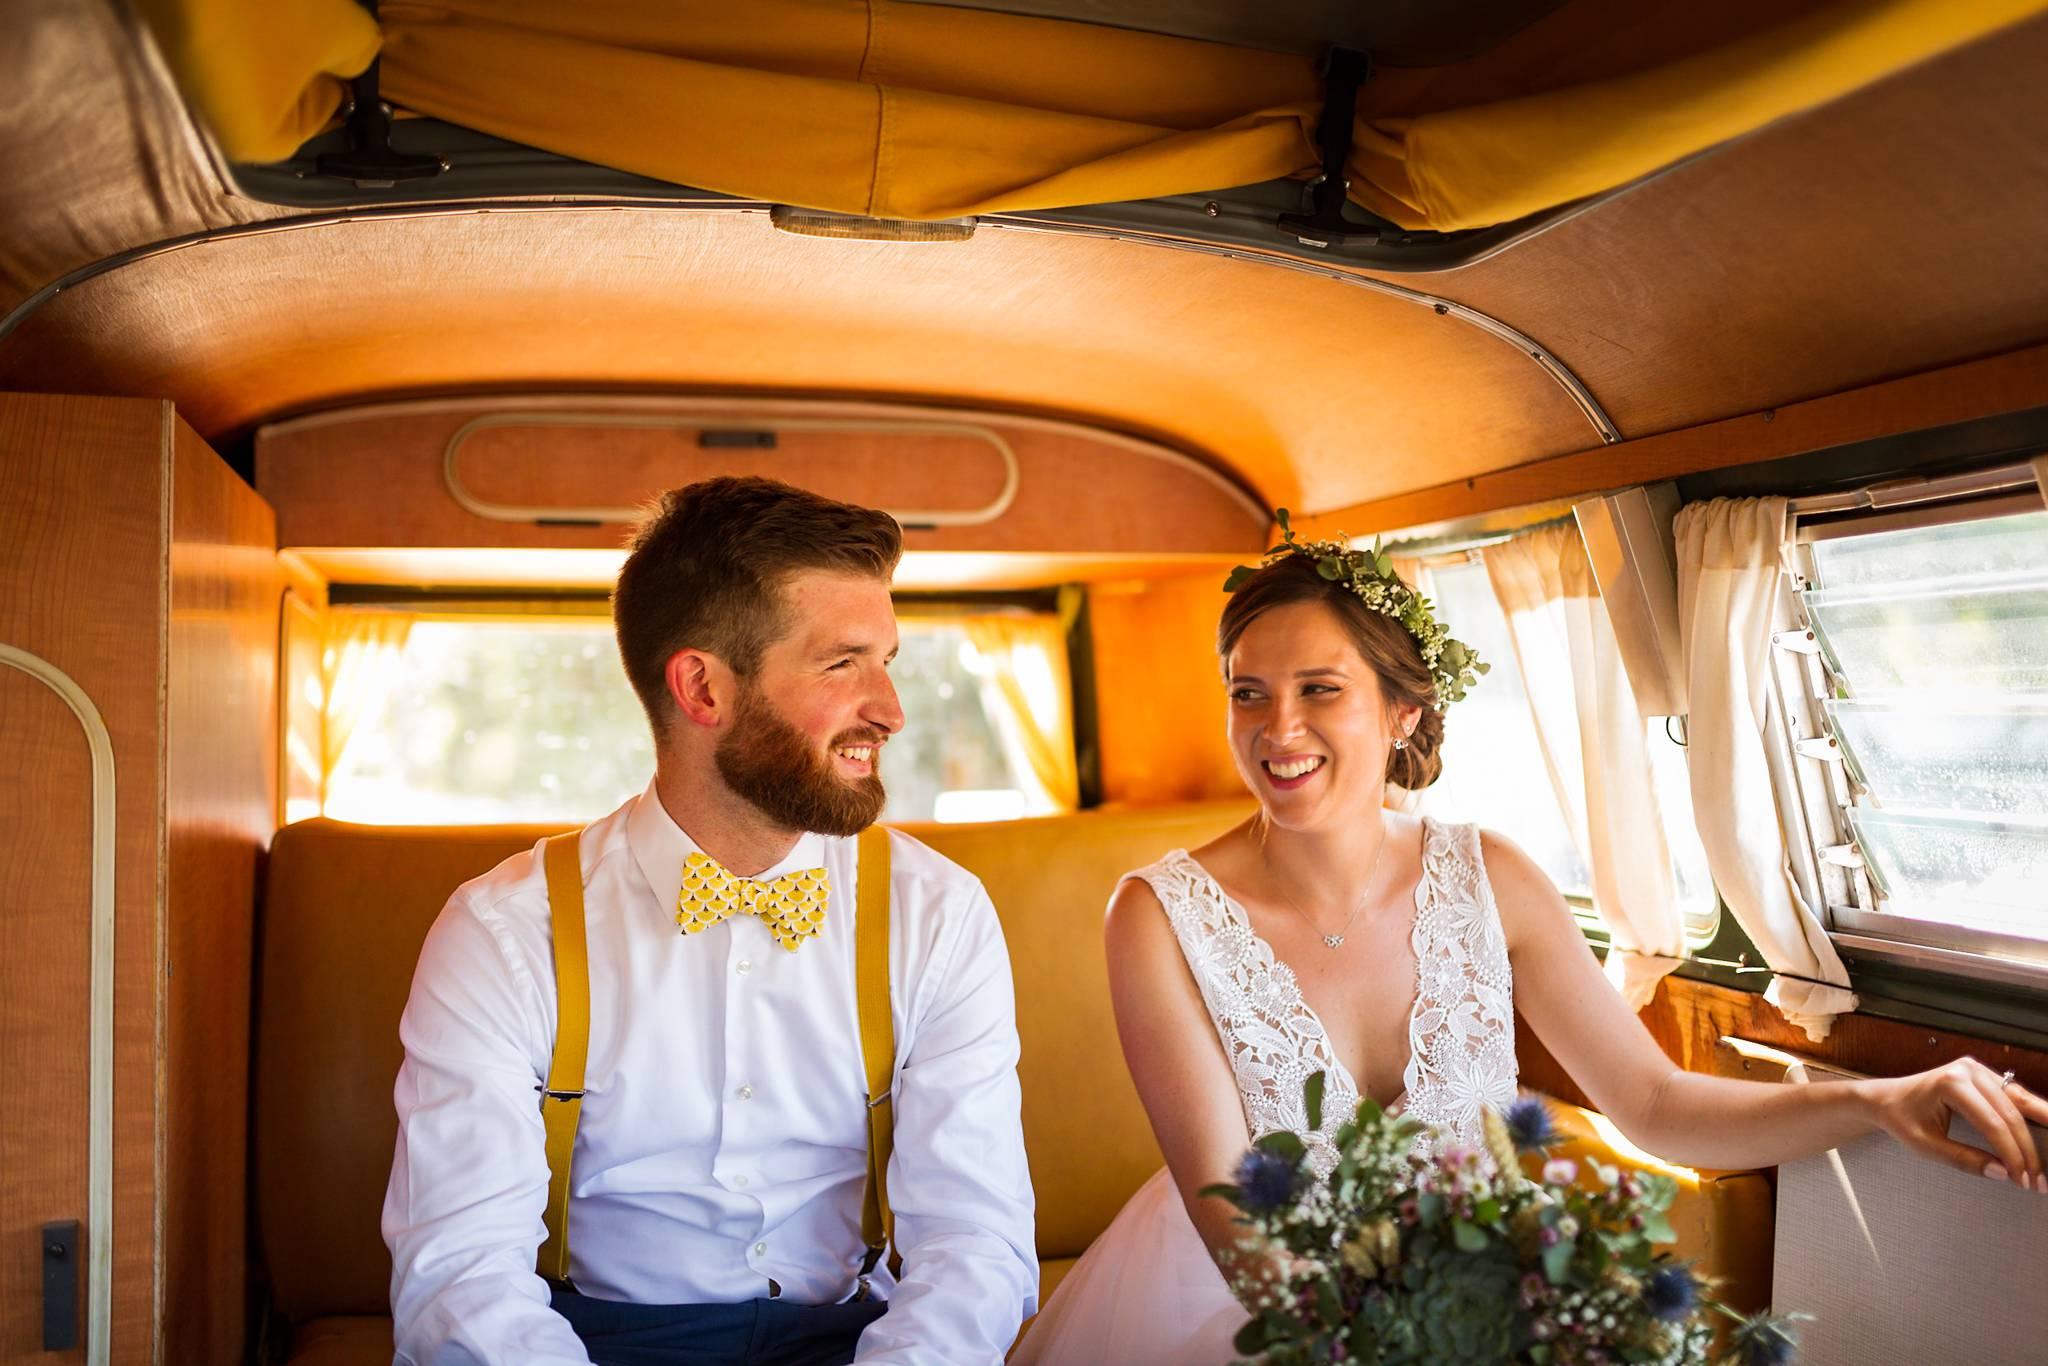 Aperçu du reportage photo de mariage au Château Giscours, avec une cérémonie civile à Saint-Aubin de Medoc, des photos de couple dans la forêt, une cérémonie laïque et la soirée au Château Giscours.